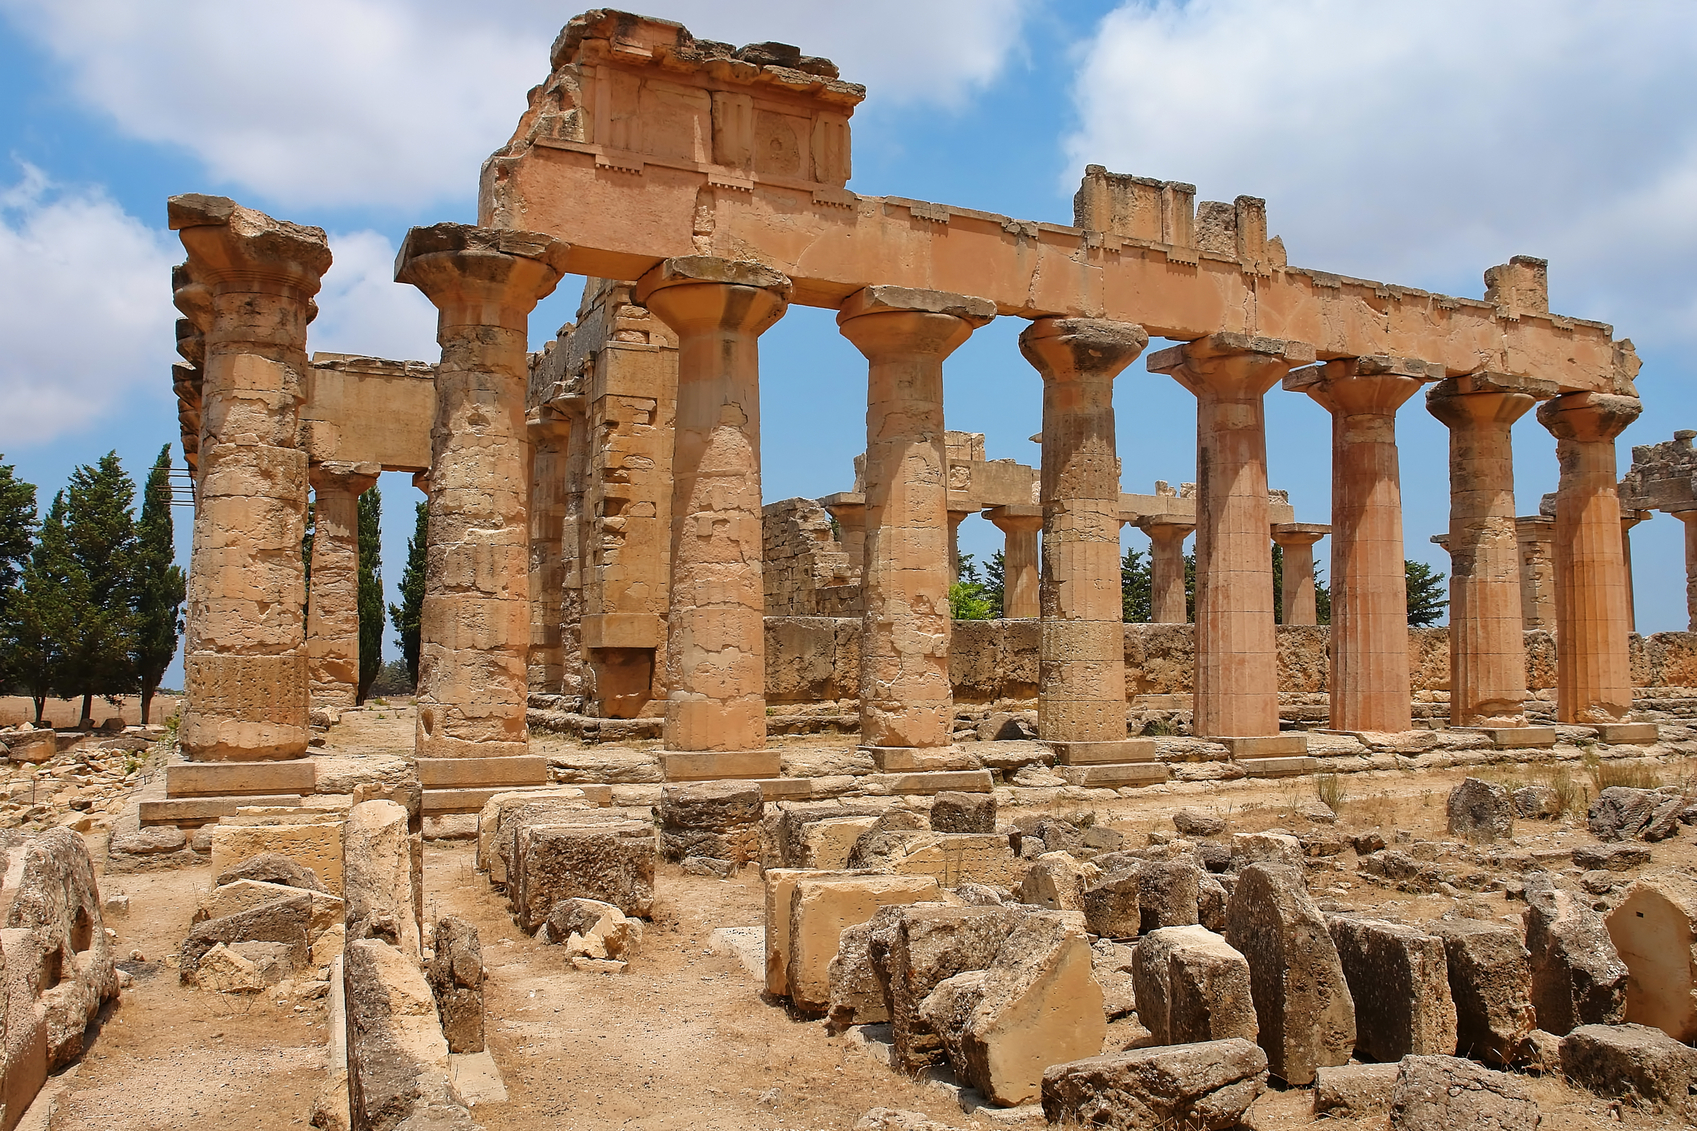 リビア観光特集!人気定番スポットやおすすめの見どころも!